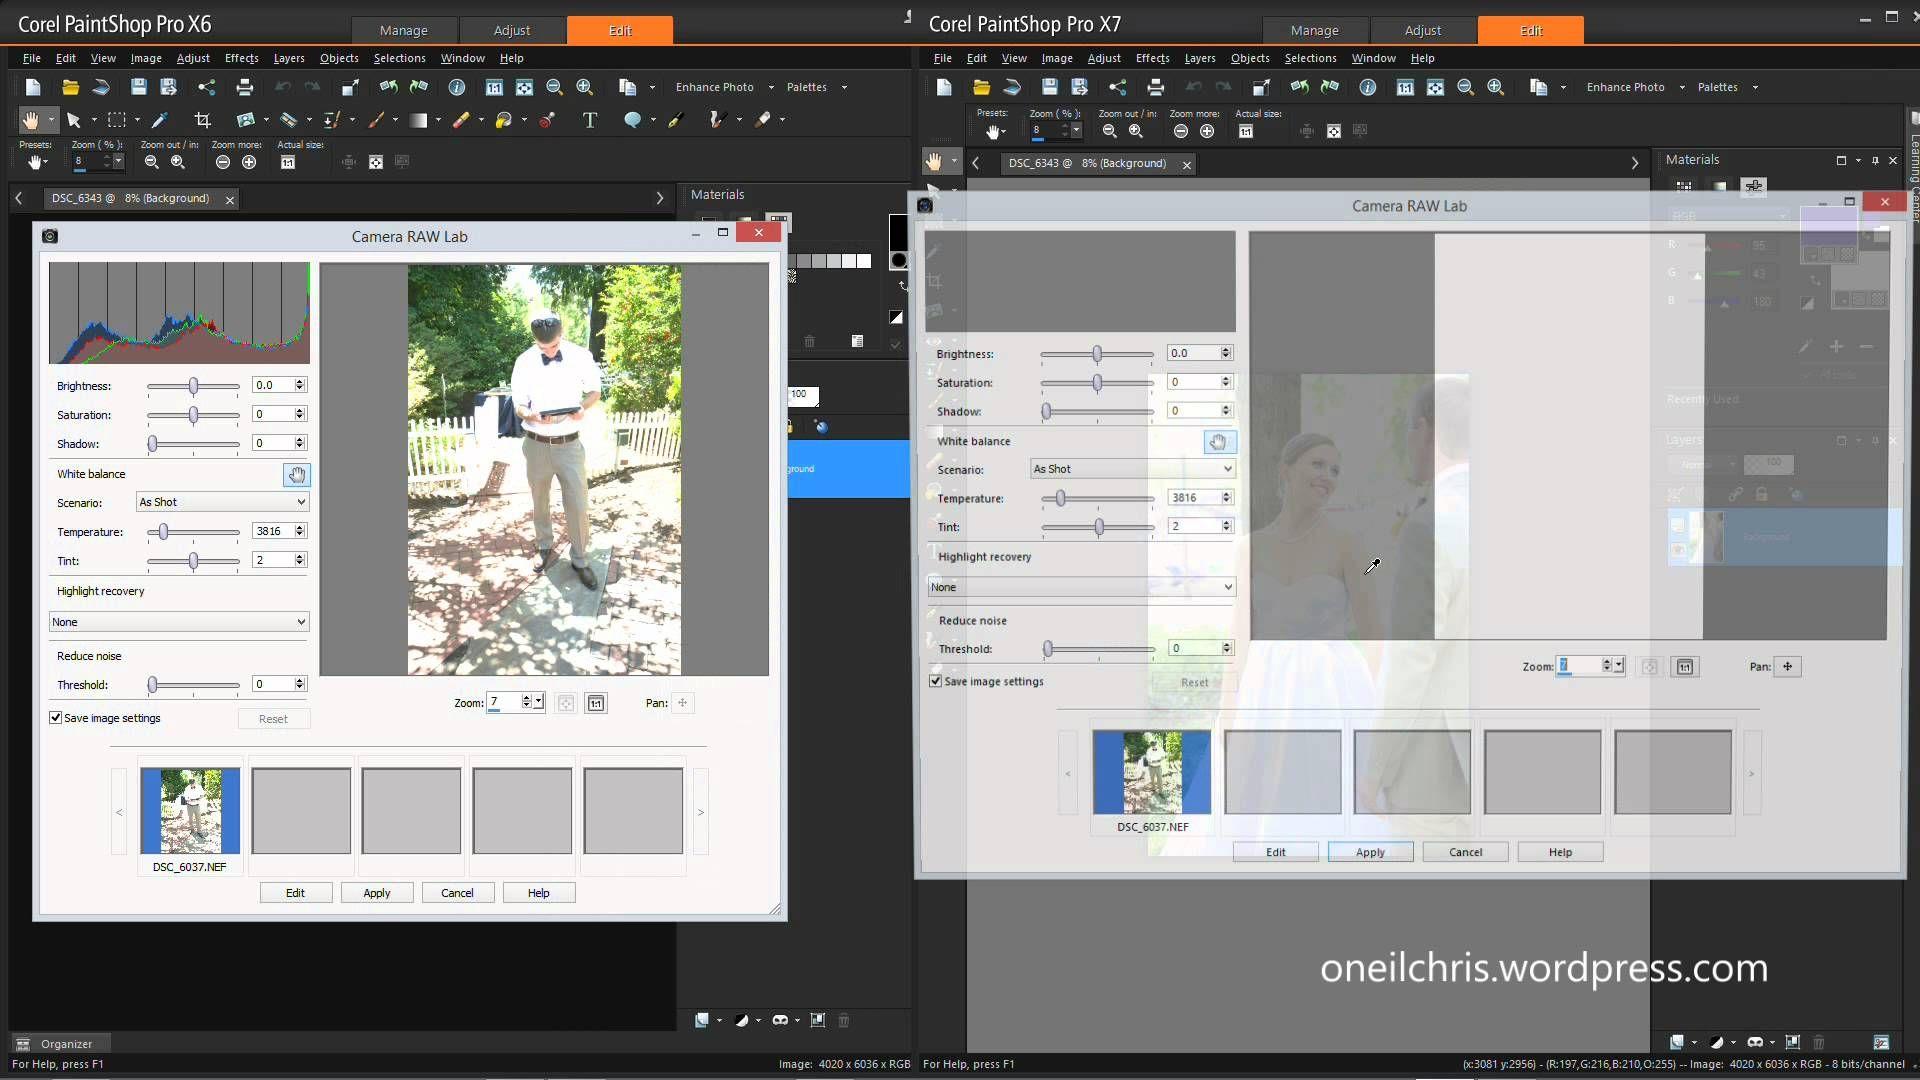 Attractive Corel Paintshop Pro Preview Corel Paintshop Pro Preview Pro Pinterest Paintshop Pro X7 Review Paintshop Pro X7 Download dpreview Paintshop Pro X7